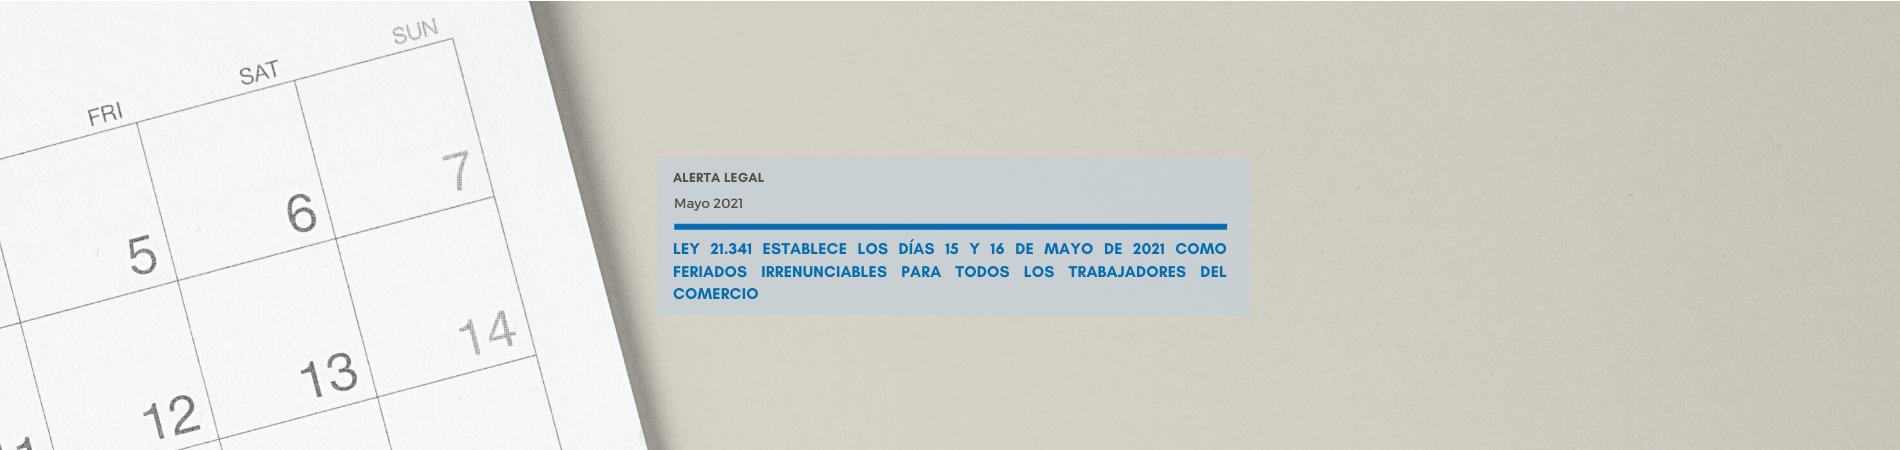 Alerta Legal | Ley 21.341 establece los días 15 y 16 de mayo de 2021 como feriados irrenunciables para todos los trabajadores del comercio